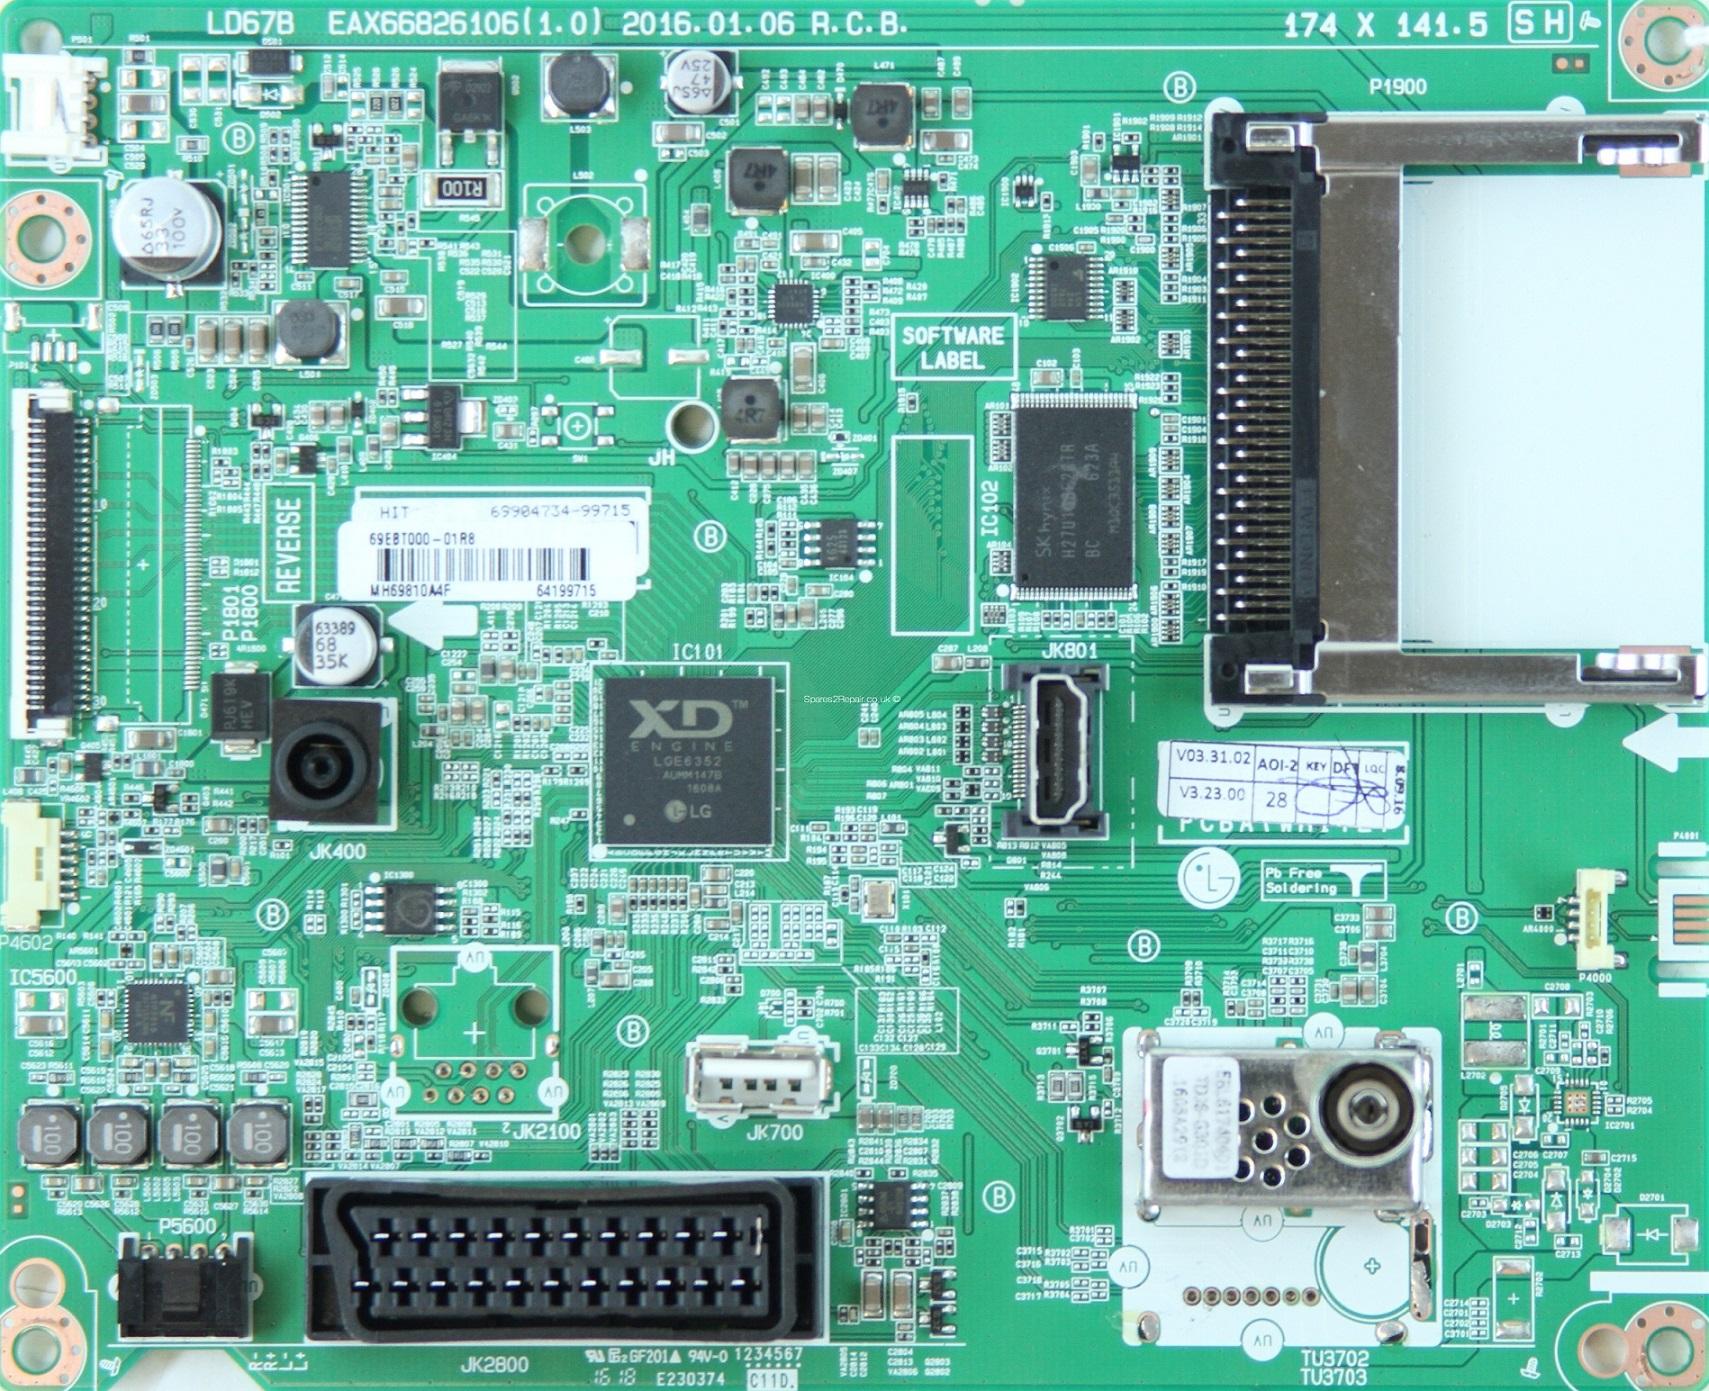 Placa de baza EAX66826106 (1.0)